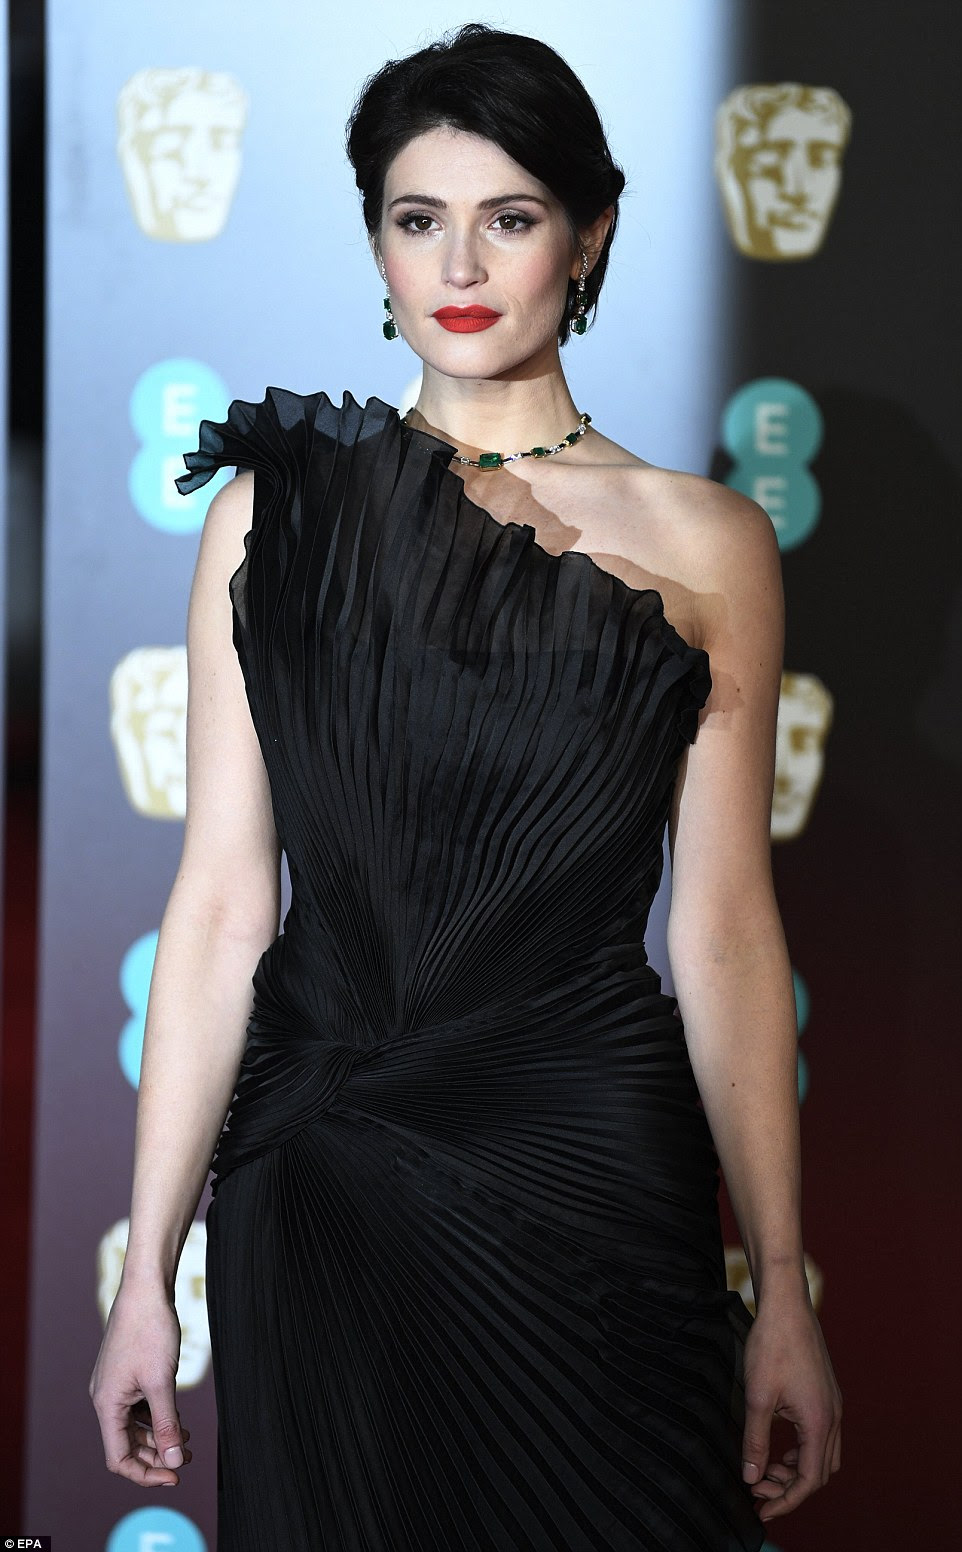 Glamour: A estrela mostrou suas curvas tonificadas no vestido elegante e ruffled